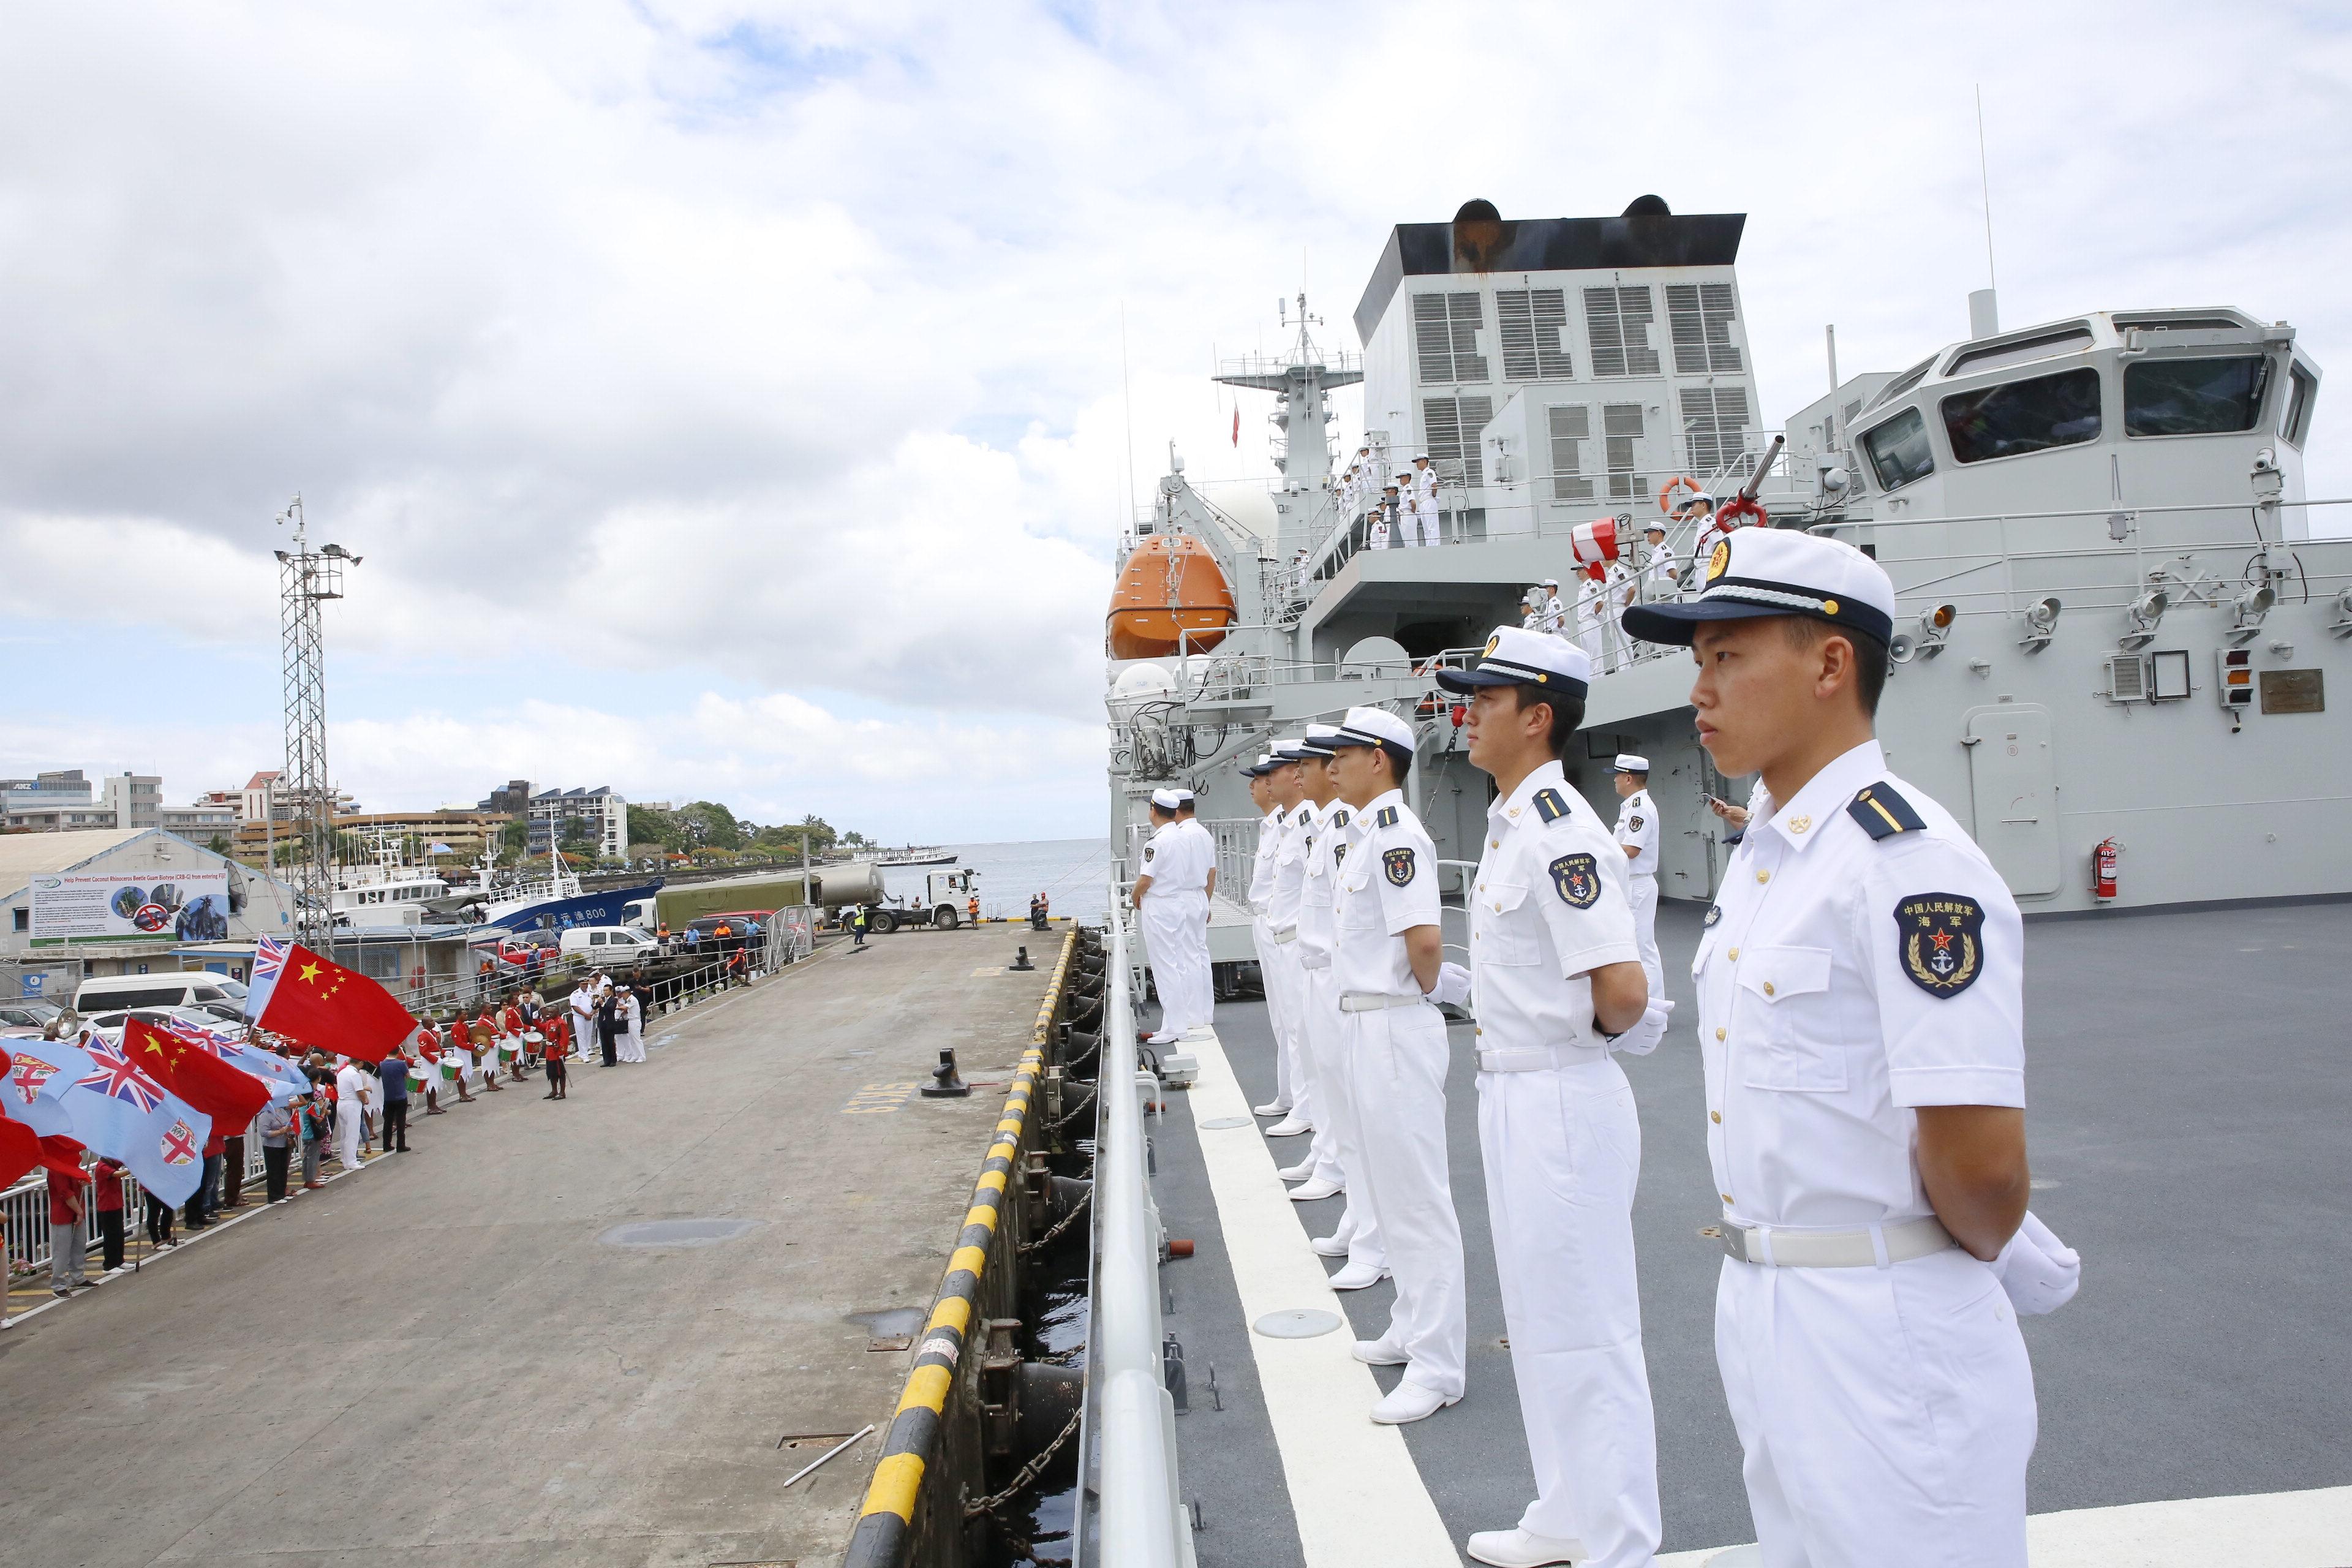 中国海軍訓練艦「戚継光」、フィジー訪問を終え帰国へ